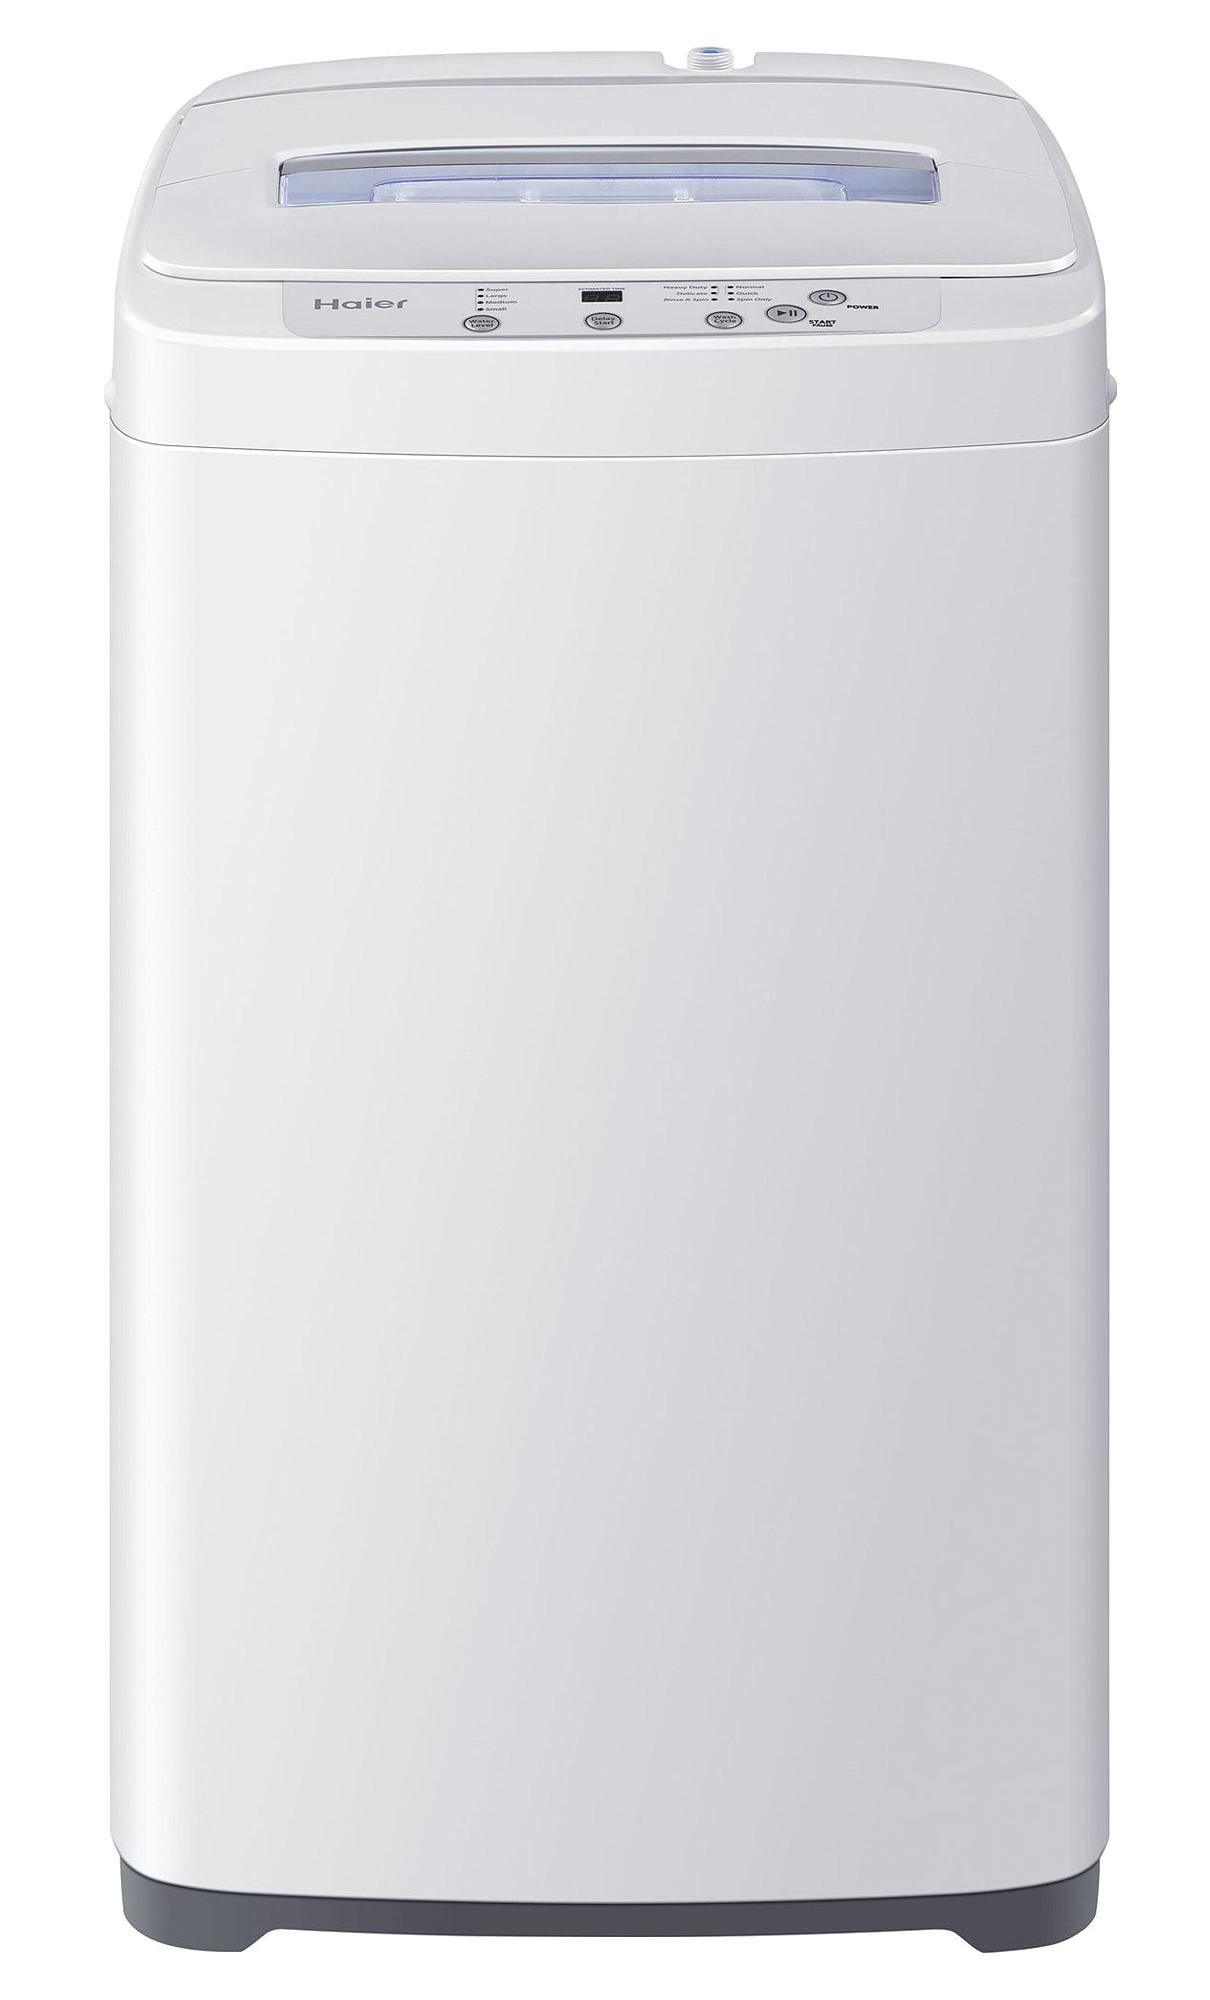 Washing Machine PNG Image